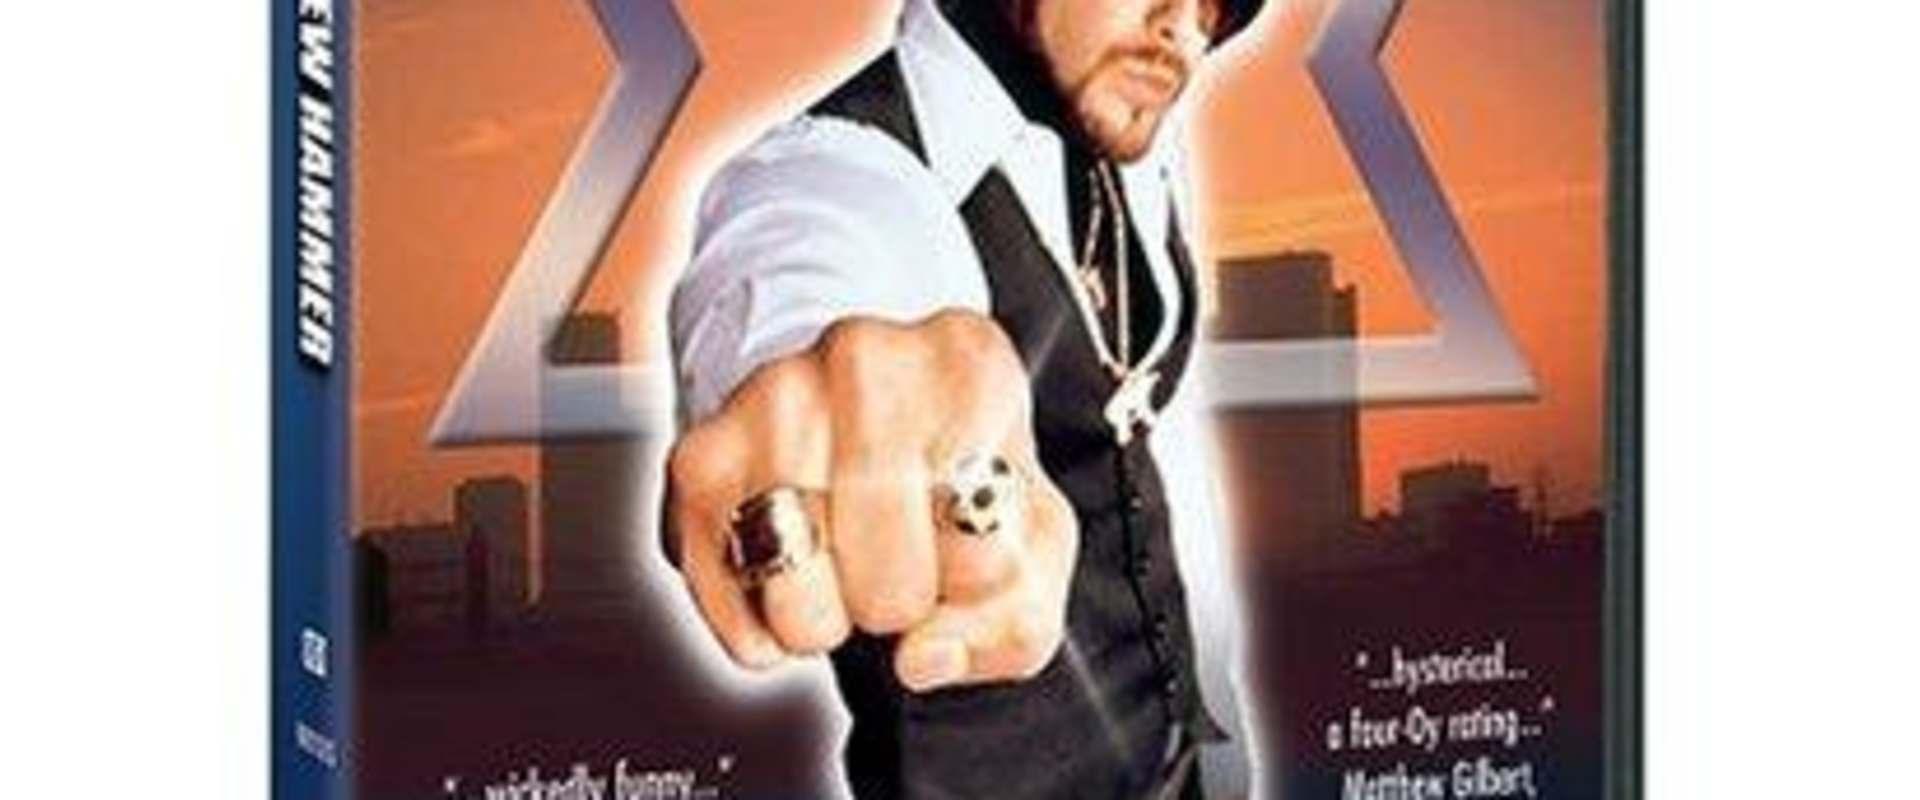 Hebrew hammer movie